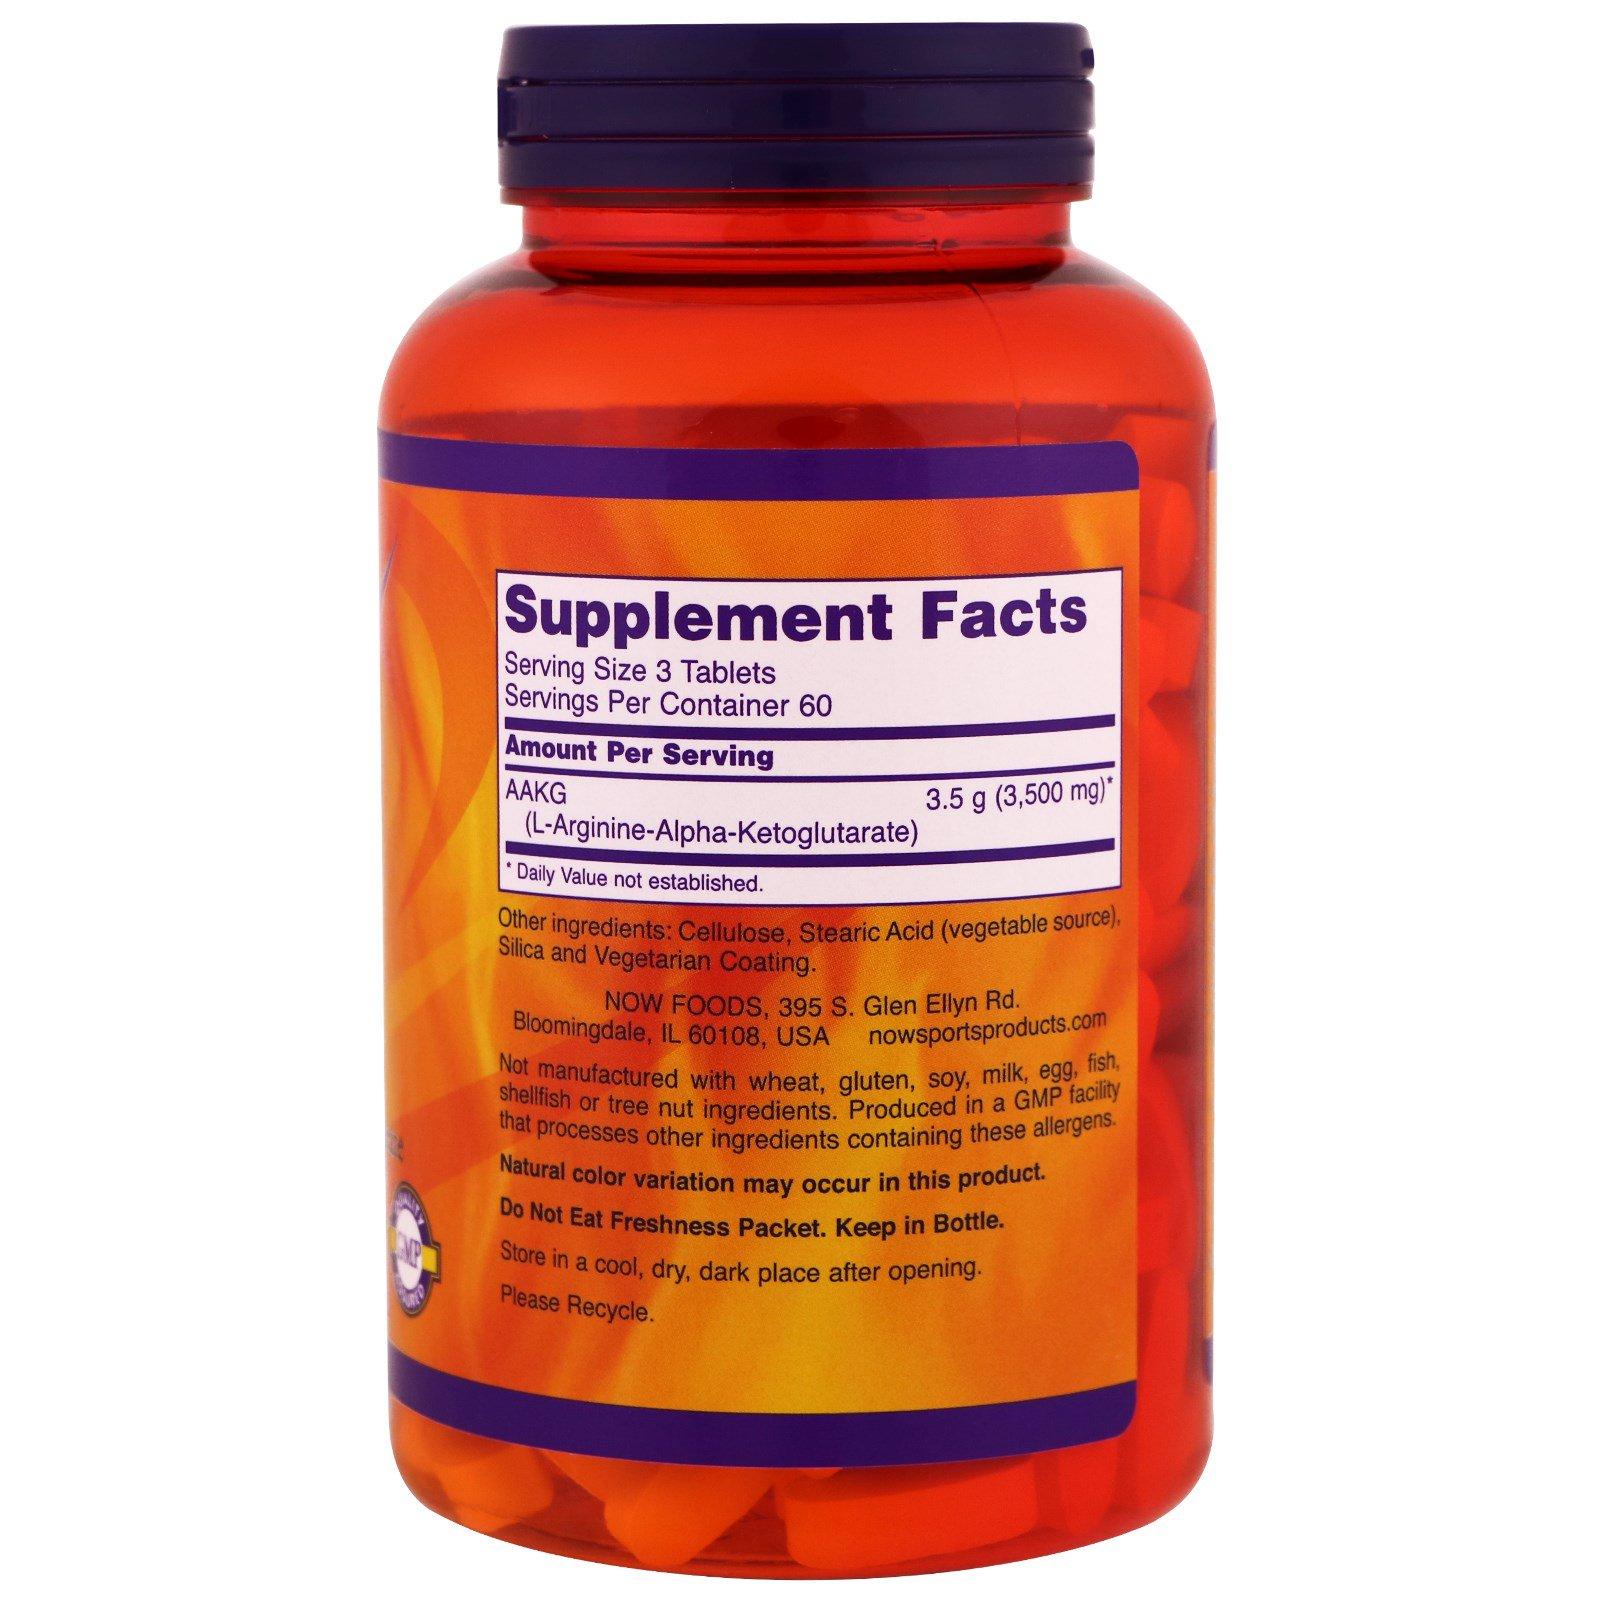 Как правильно принимать aakg от pureprotein? - мир здоровья